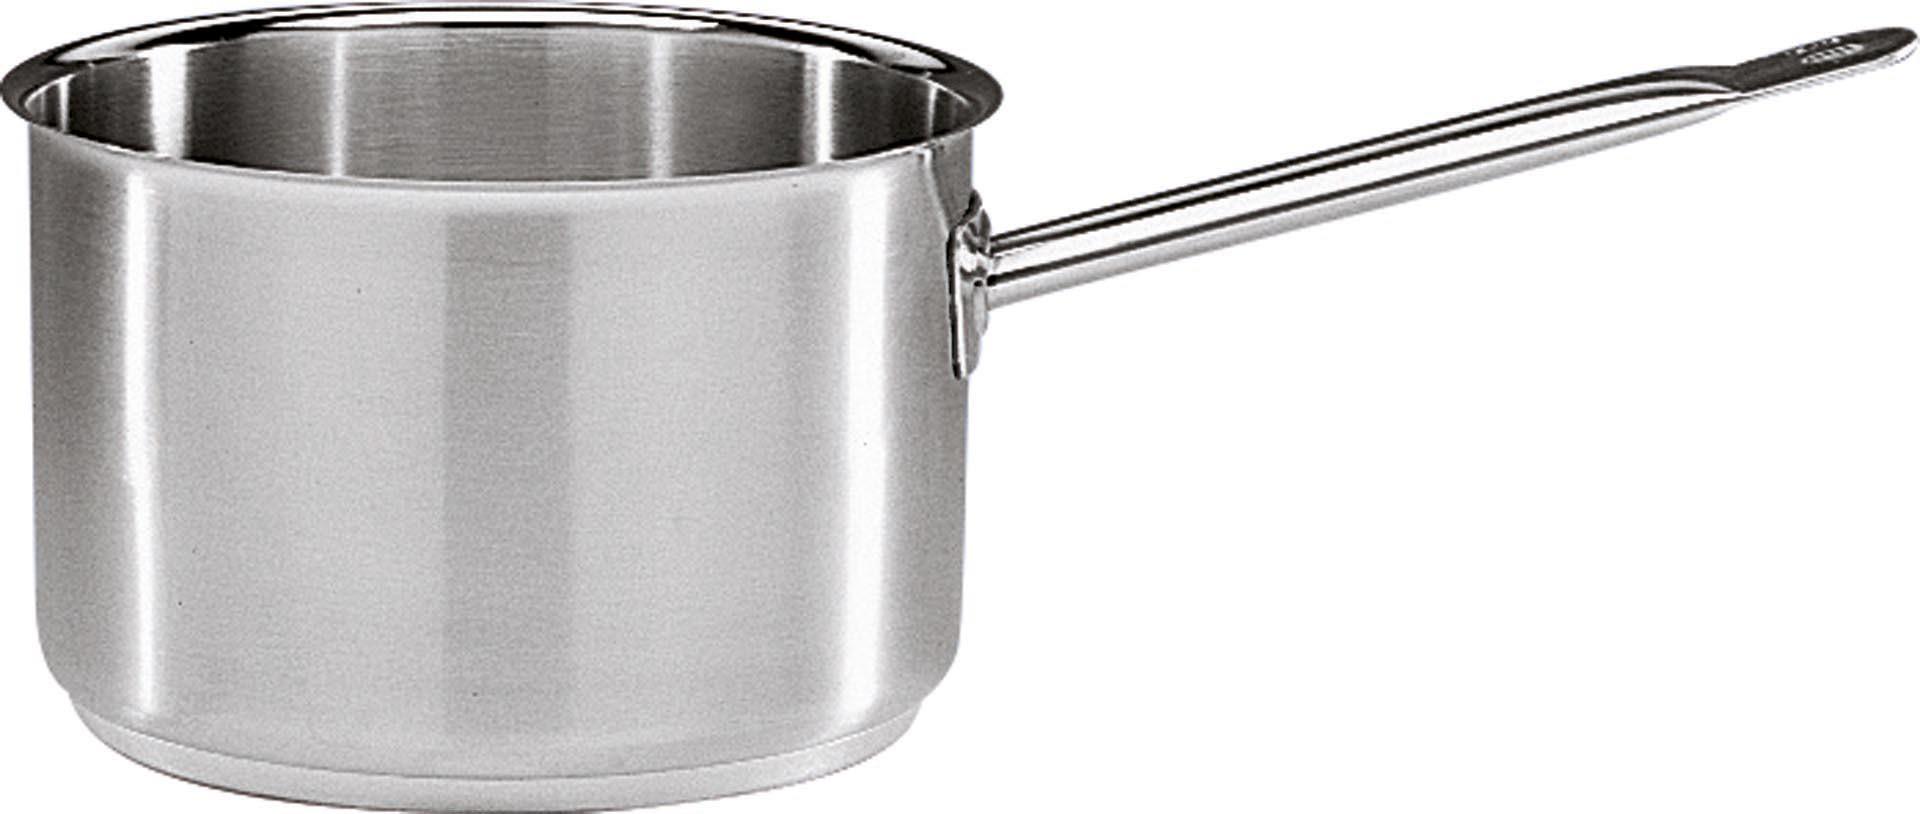 """Stielkasserolle hoch """"Cookmax Economy"""" 16 cm"""